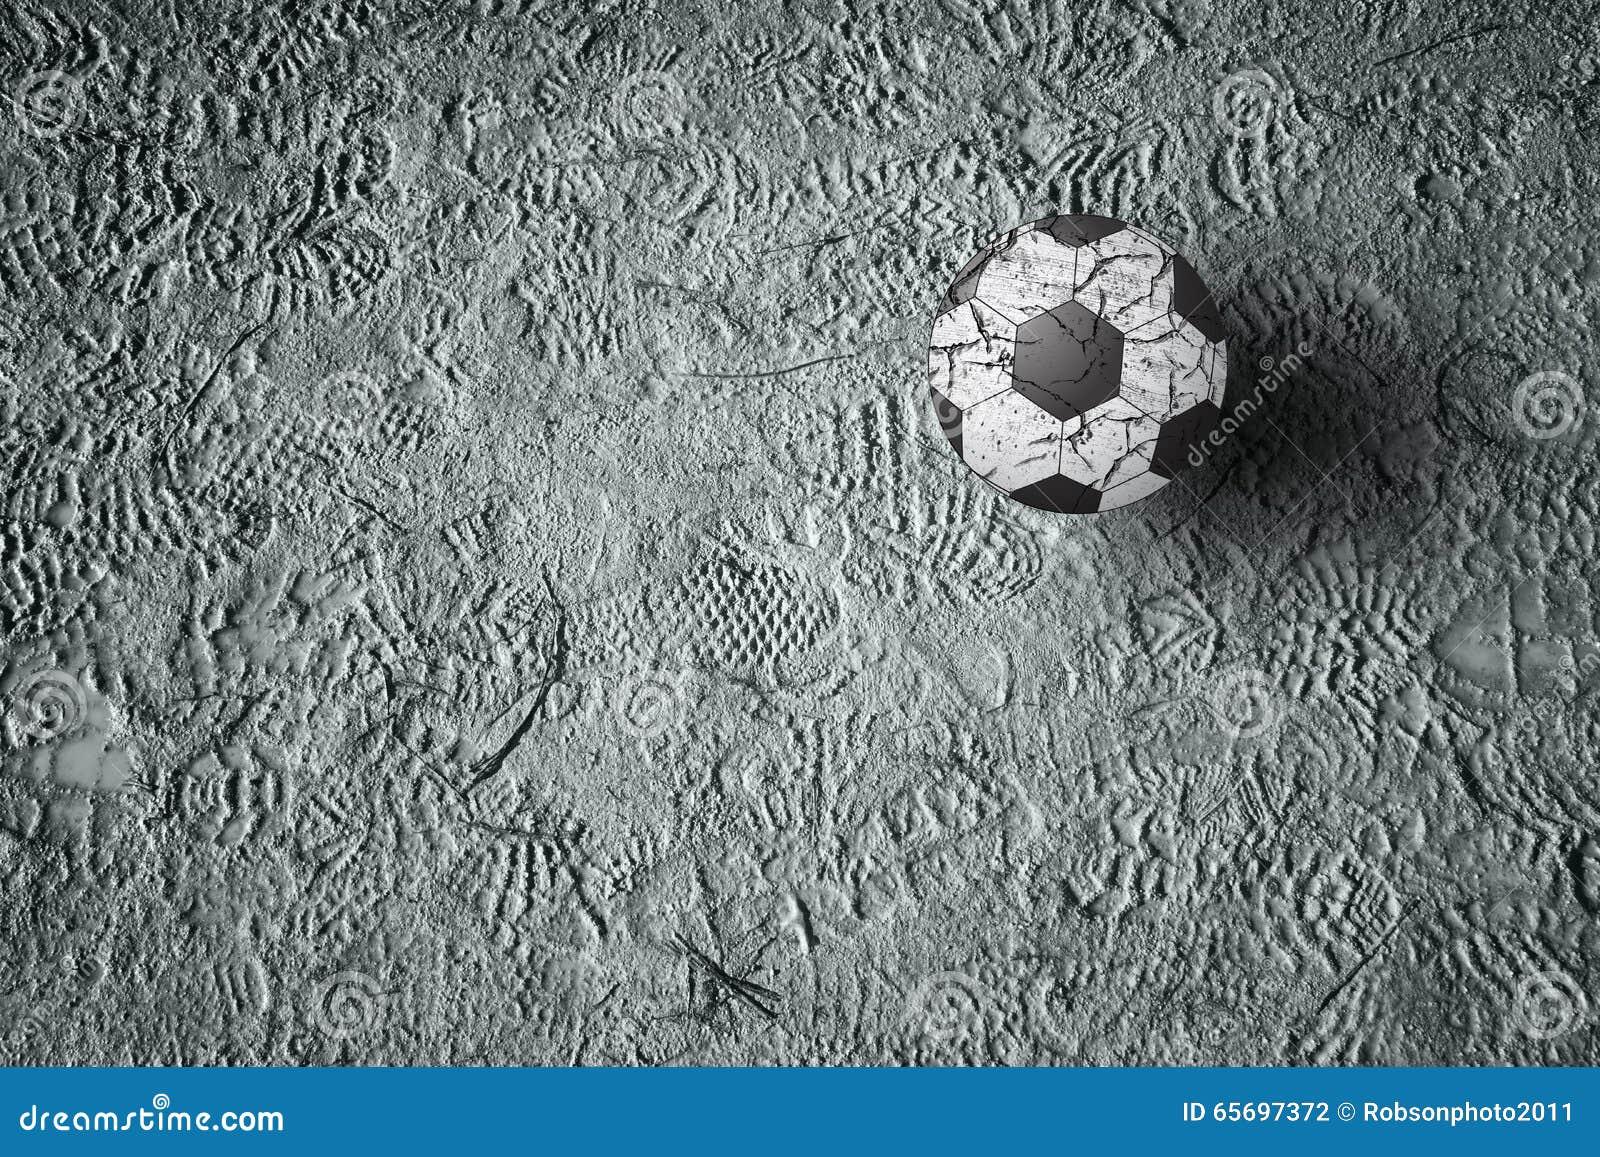 Delle Su Da Calcio L'impronta Terra Pallone Con Scarpe 7bgf6Yyv